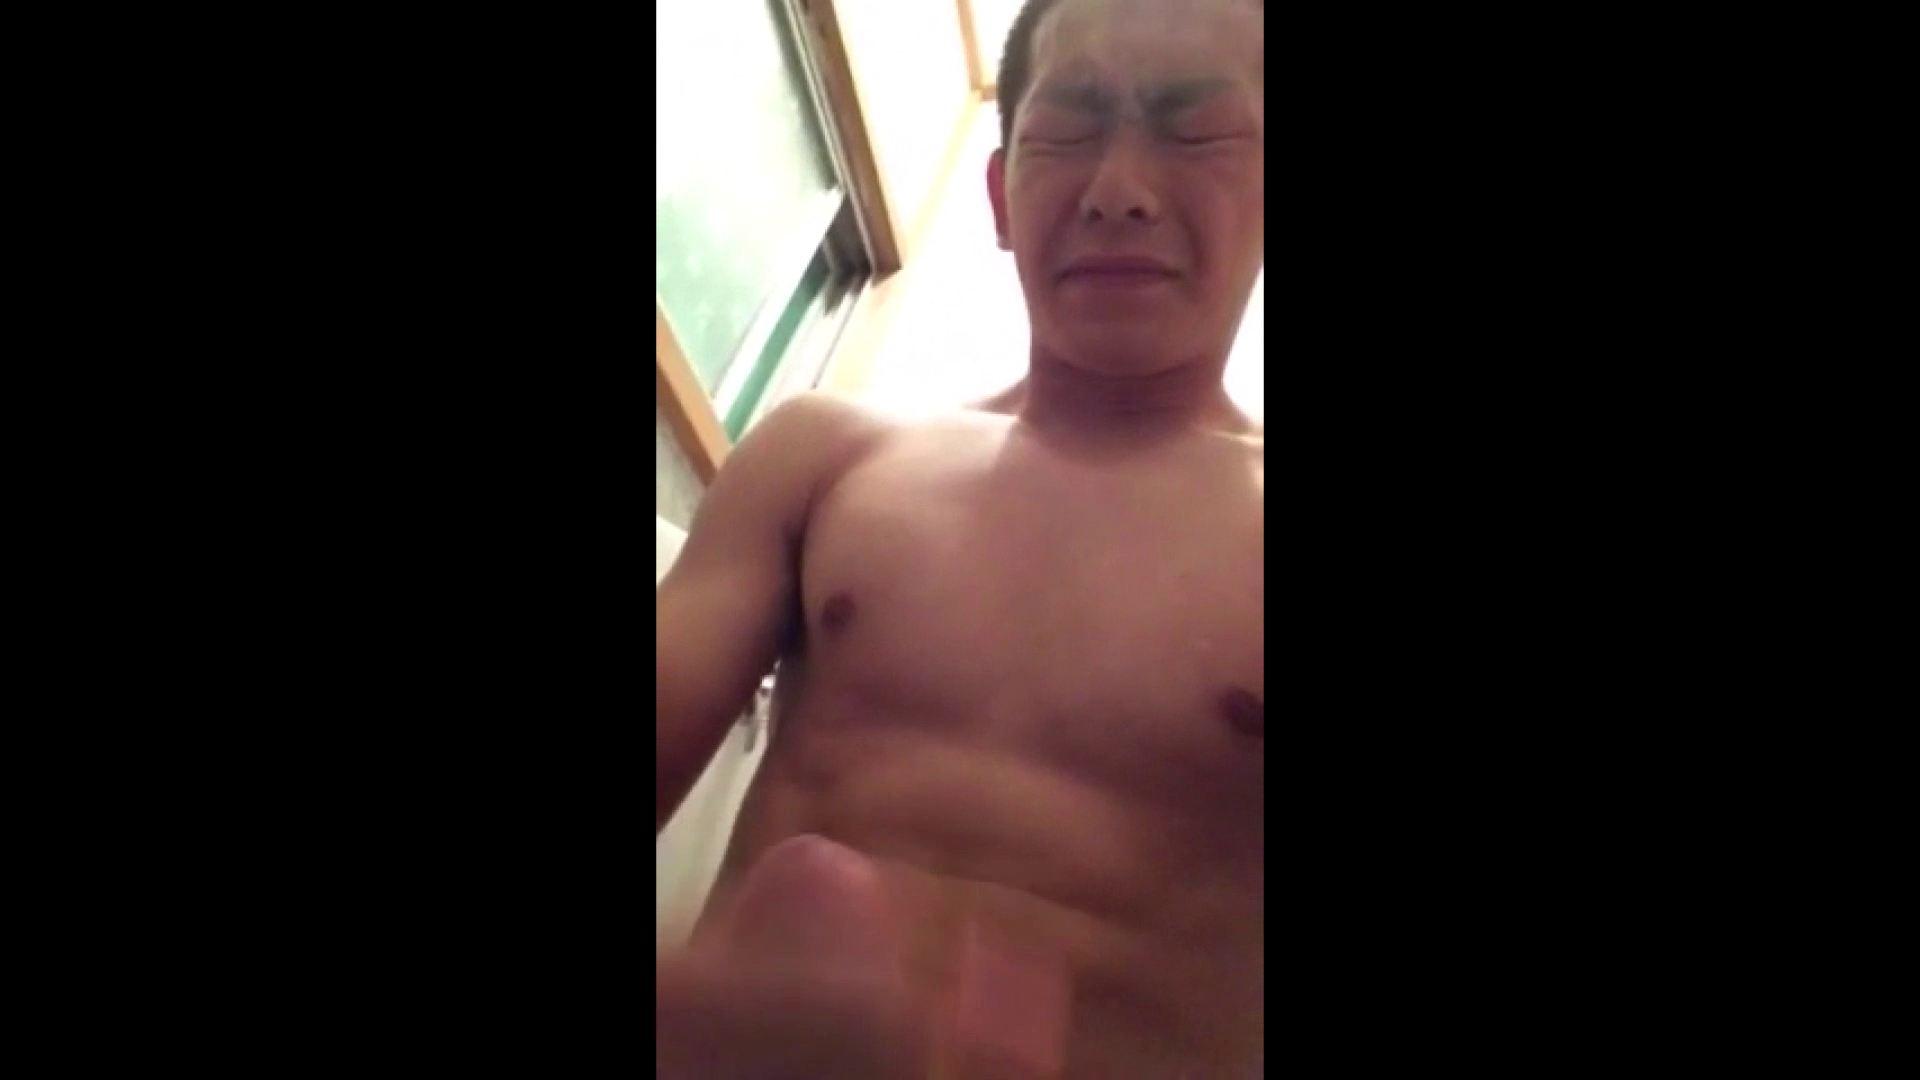 個人撮影 自慰の極意 Vol.33 手コキ ゲイモロ画像 94pic 87